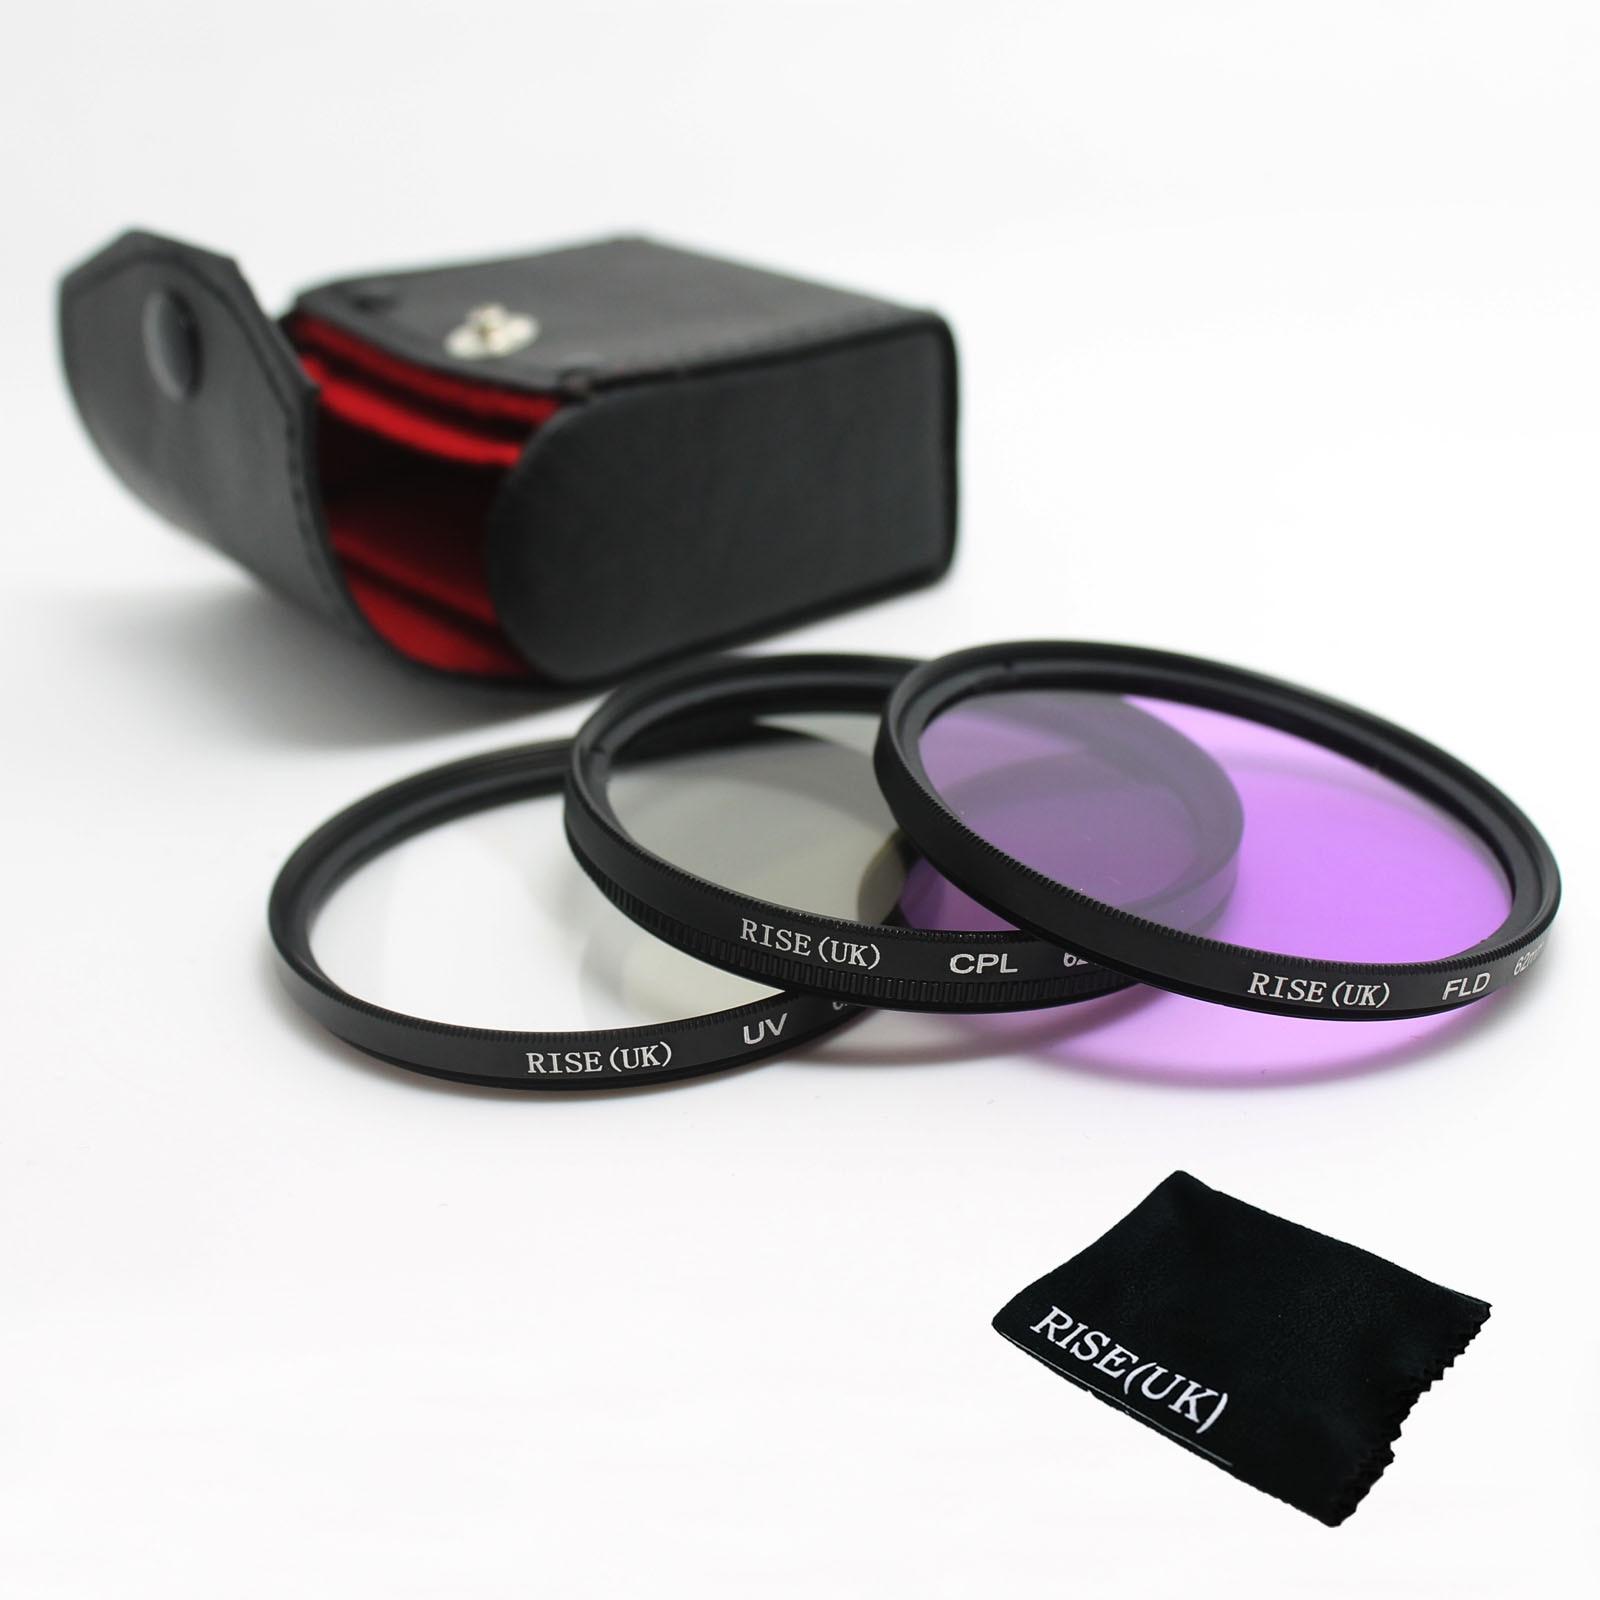 RISE (ROYAUME-UNI) 49mm 52mm 55mm 58mm 62mm 67mm 72mm 77mm UV + FLD + CPL Lens Filter Protecteur pour canon nikon pentax sony appareil photo reflex numérique